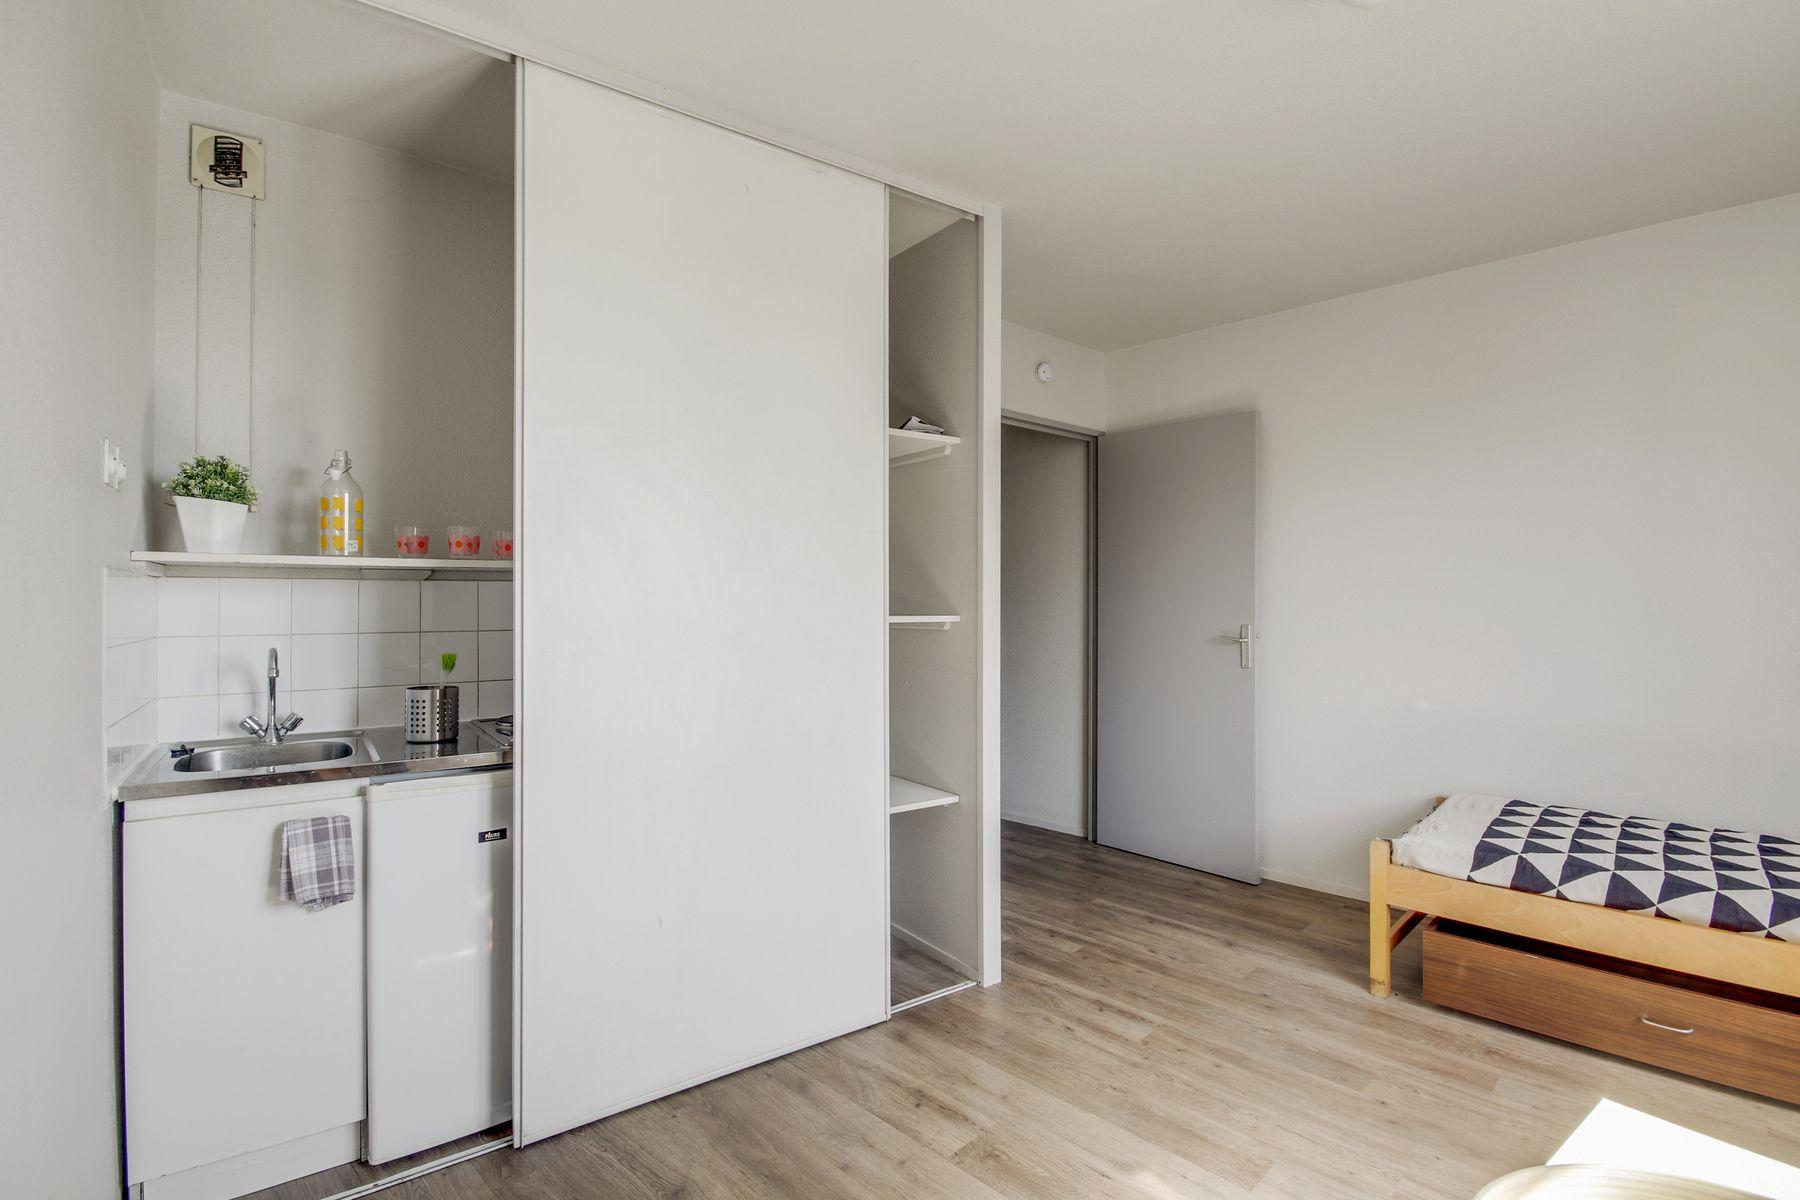 T1 LOGIFAC résidence étudiante Rabelais Clermont-Ferrand